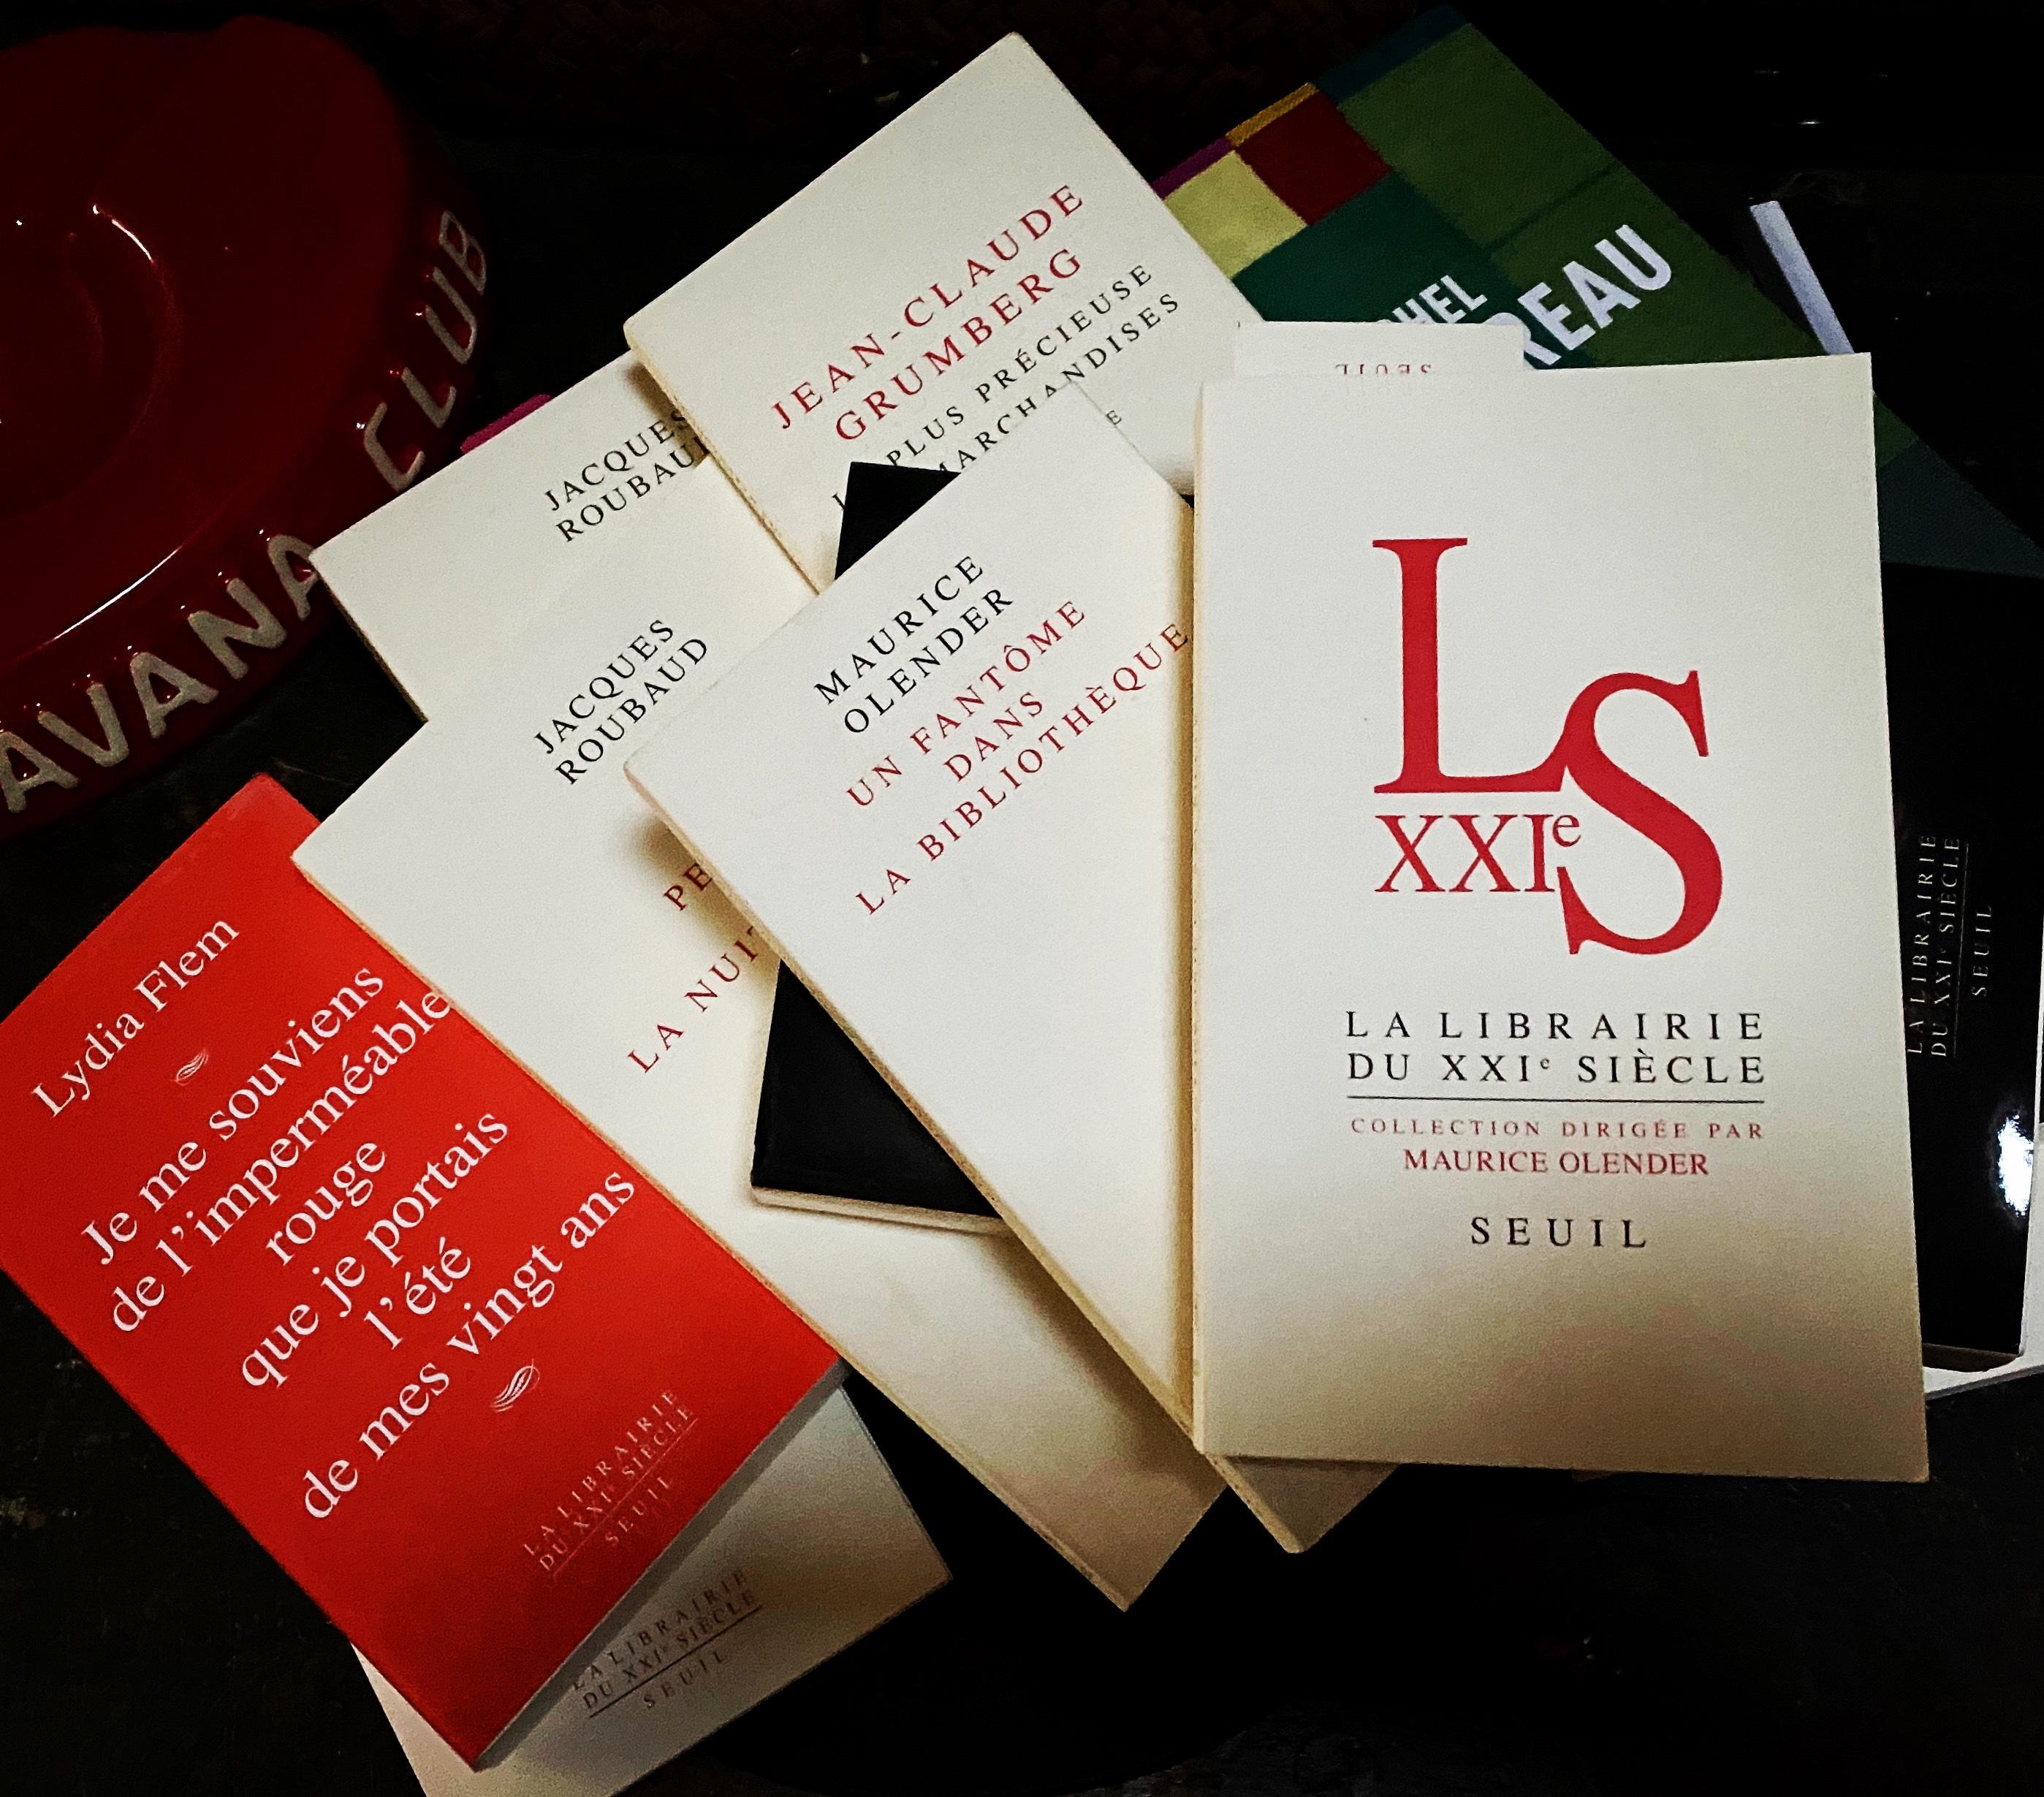 Maurice Olender et la Librairie du XXIe siècle: rencontre Centre Pompidou (9 décembre 2019)